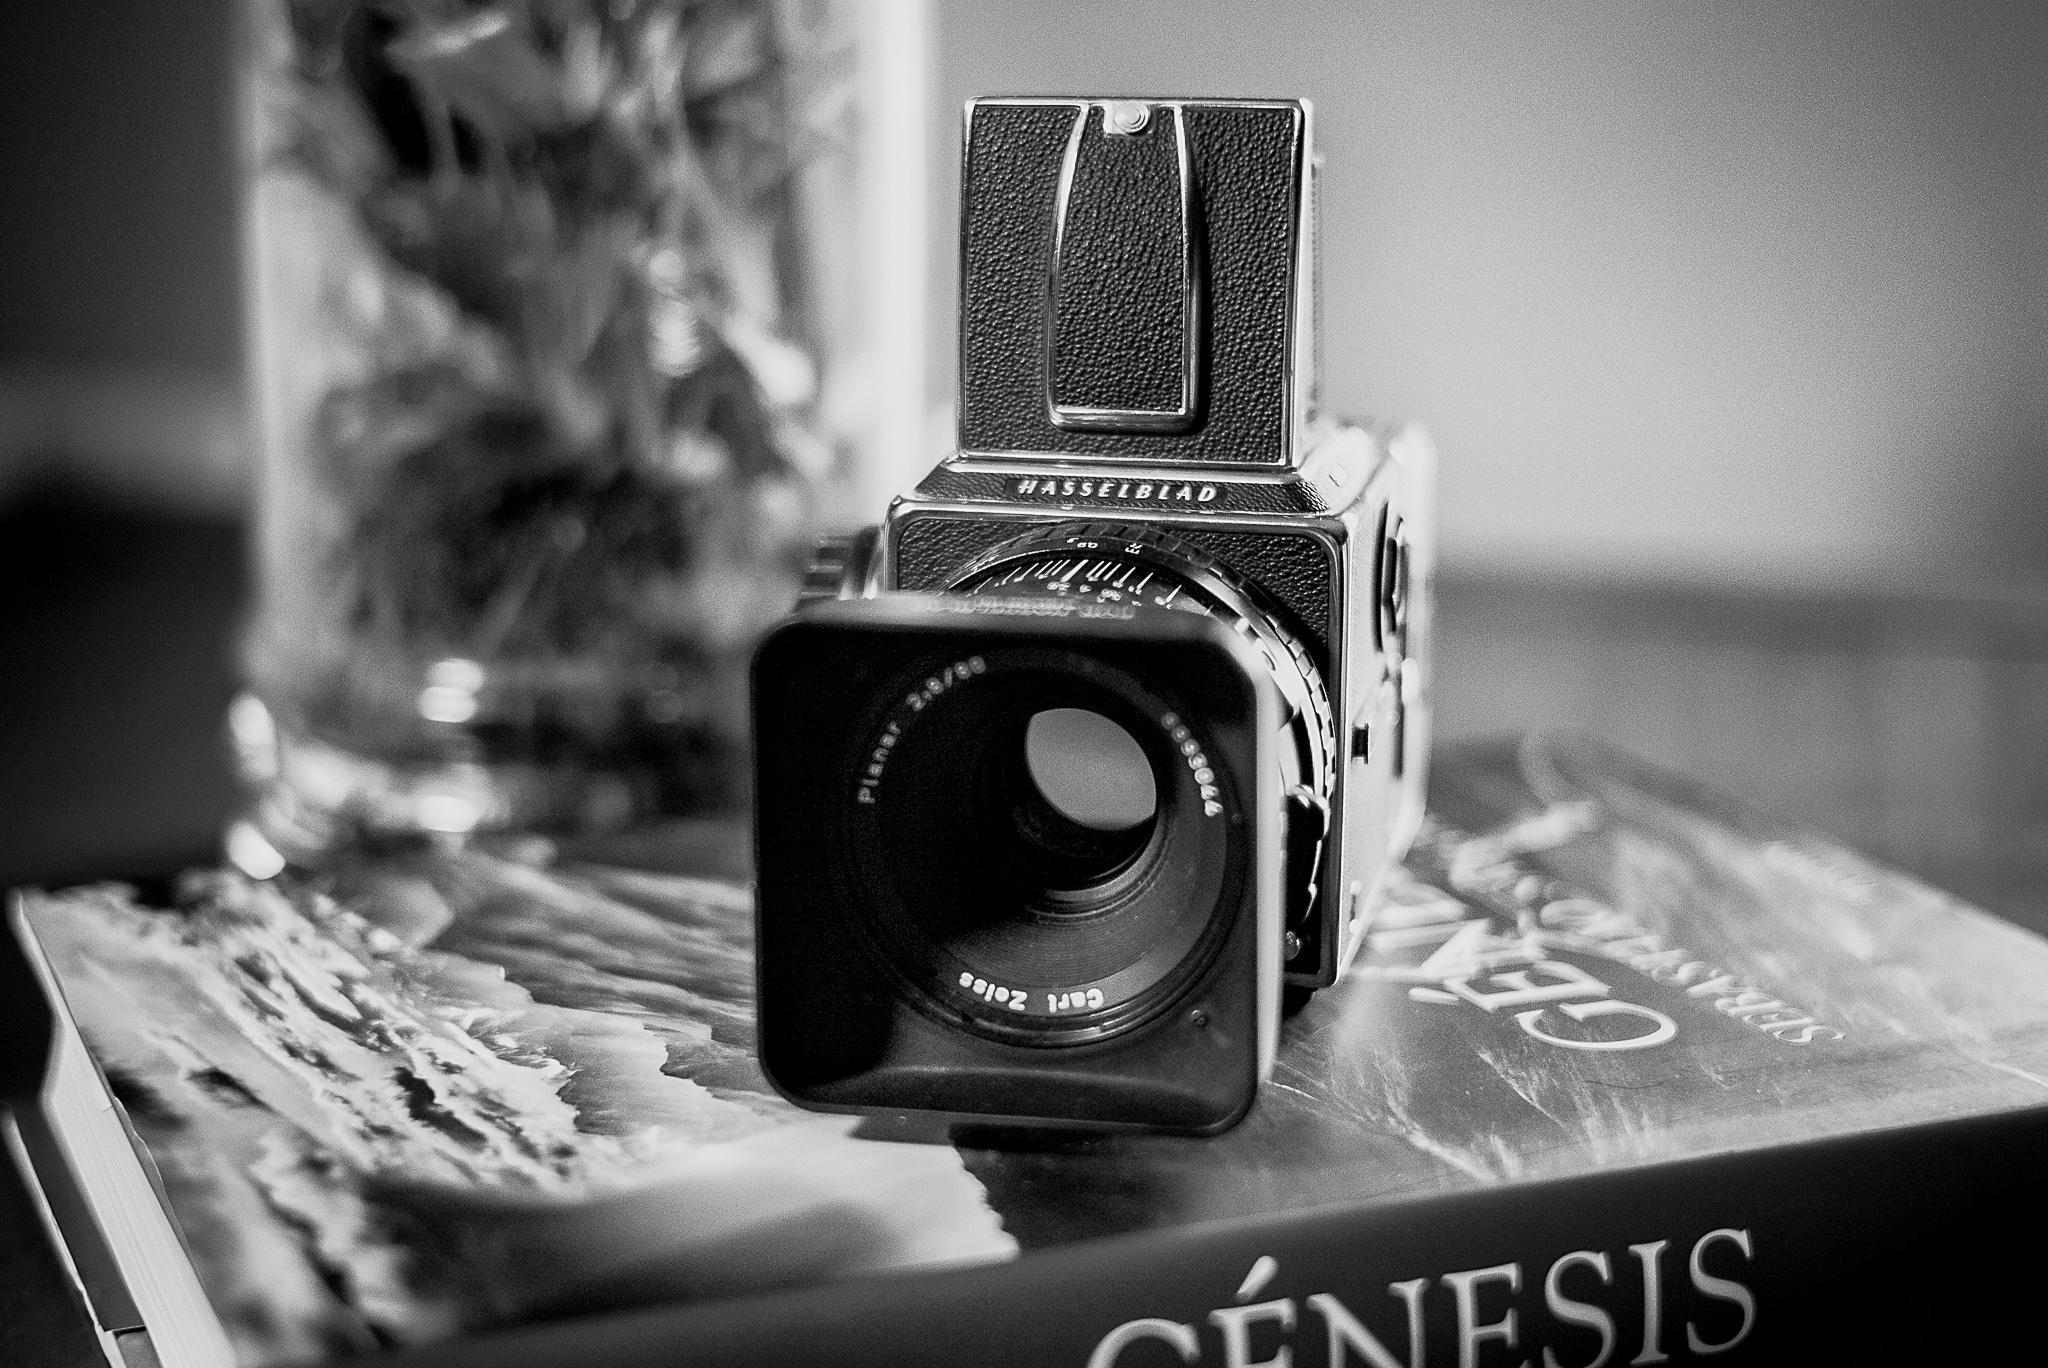 Fotografo-FedeGrau-Genesis-01.jpg